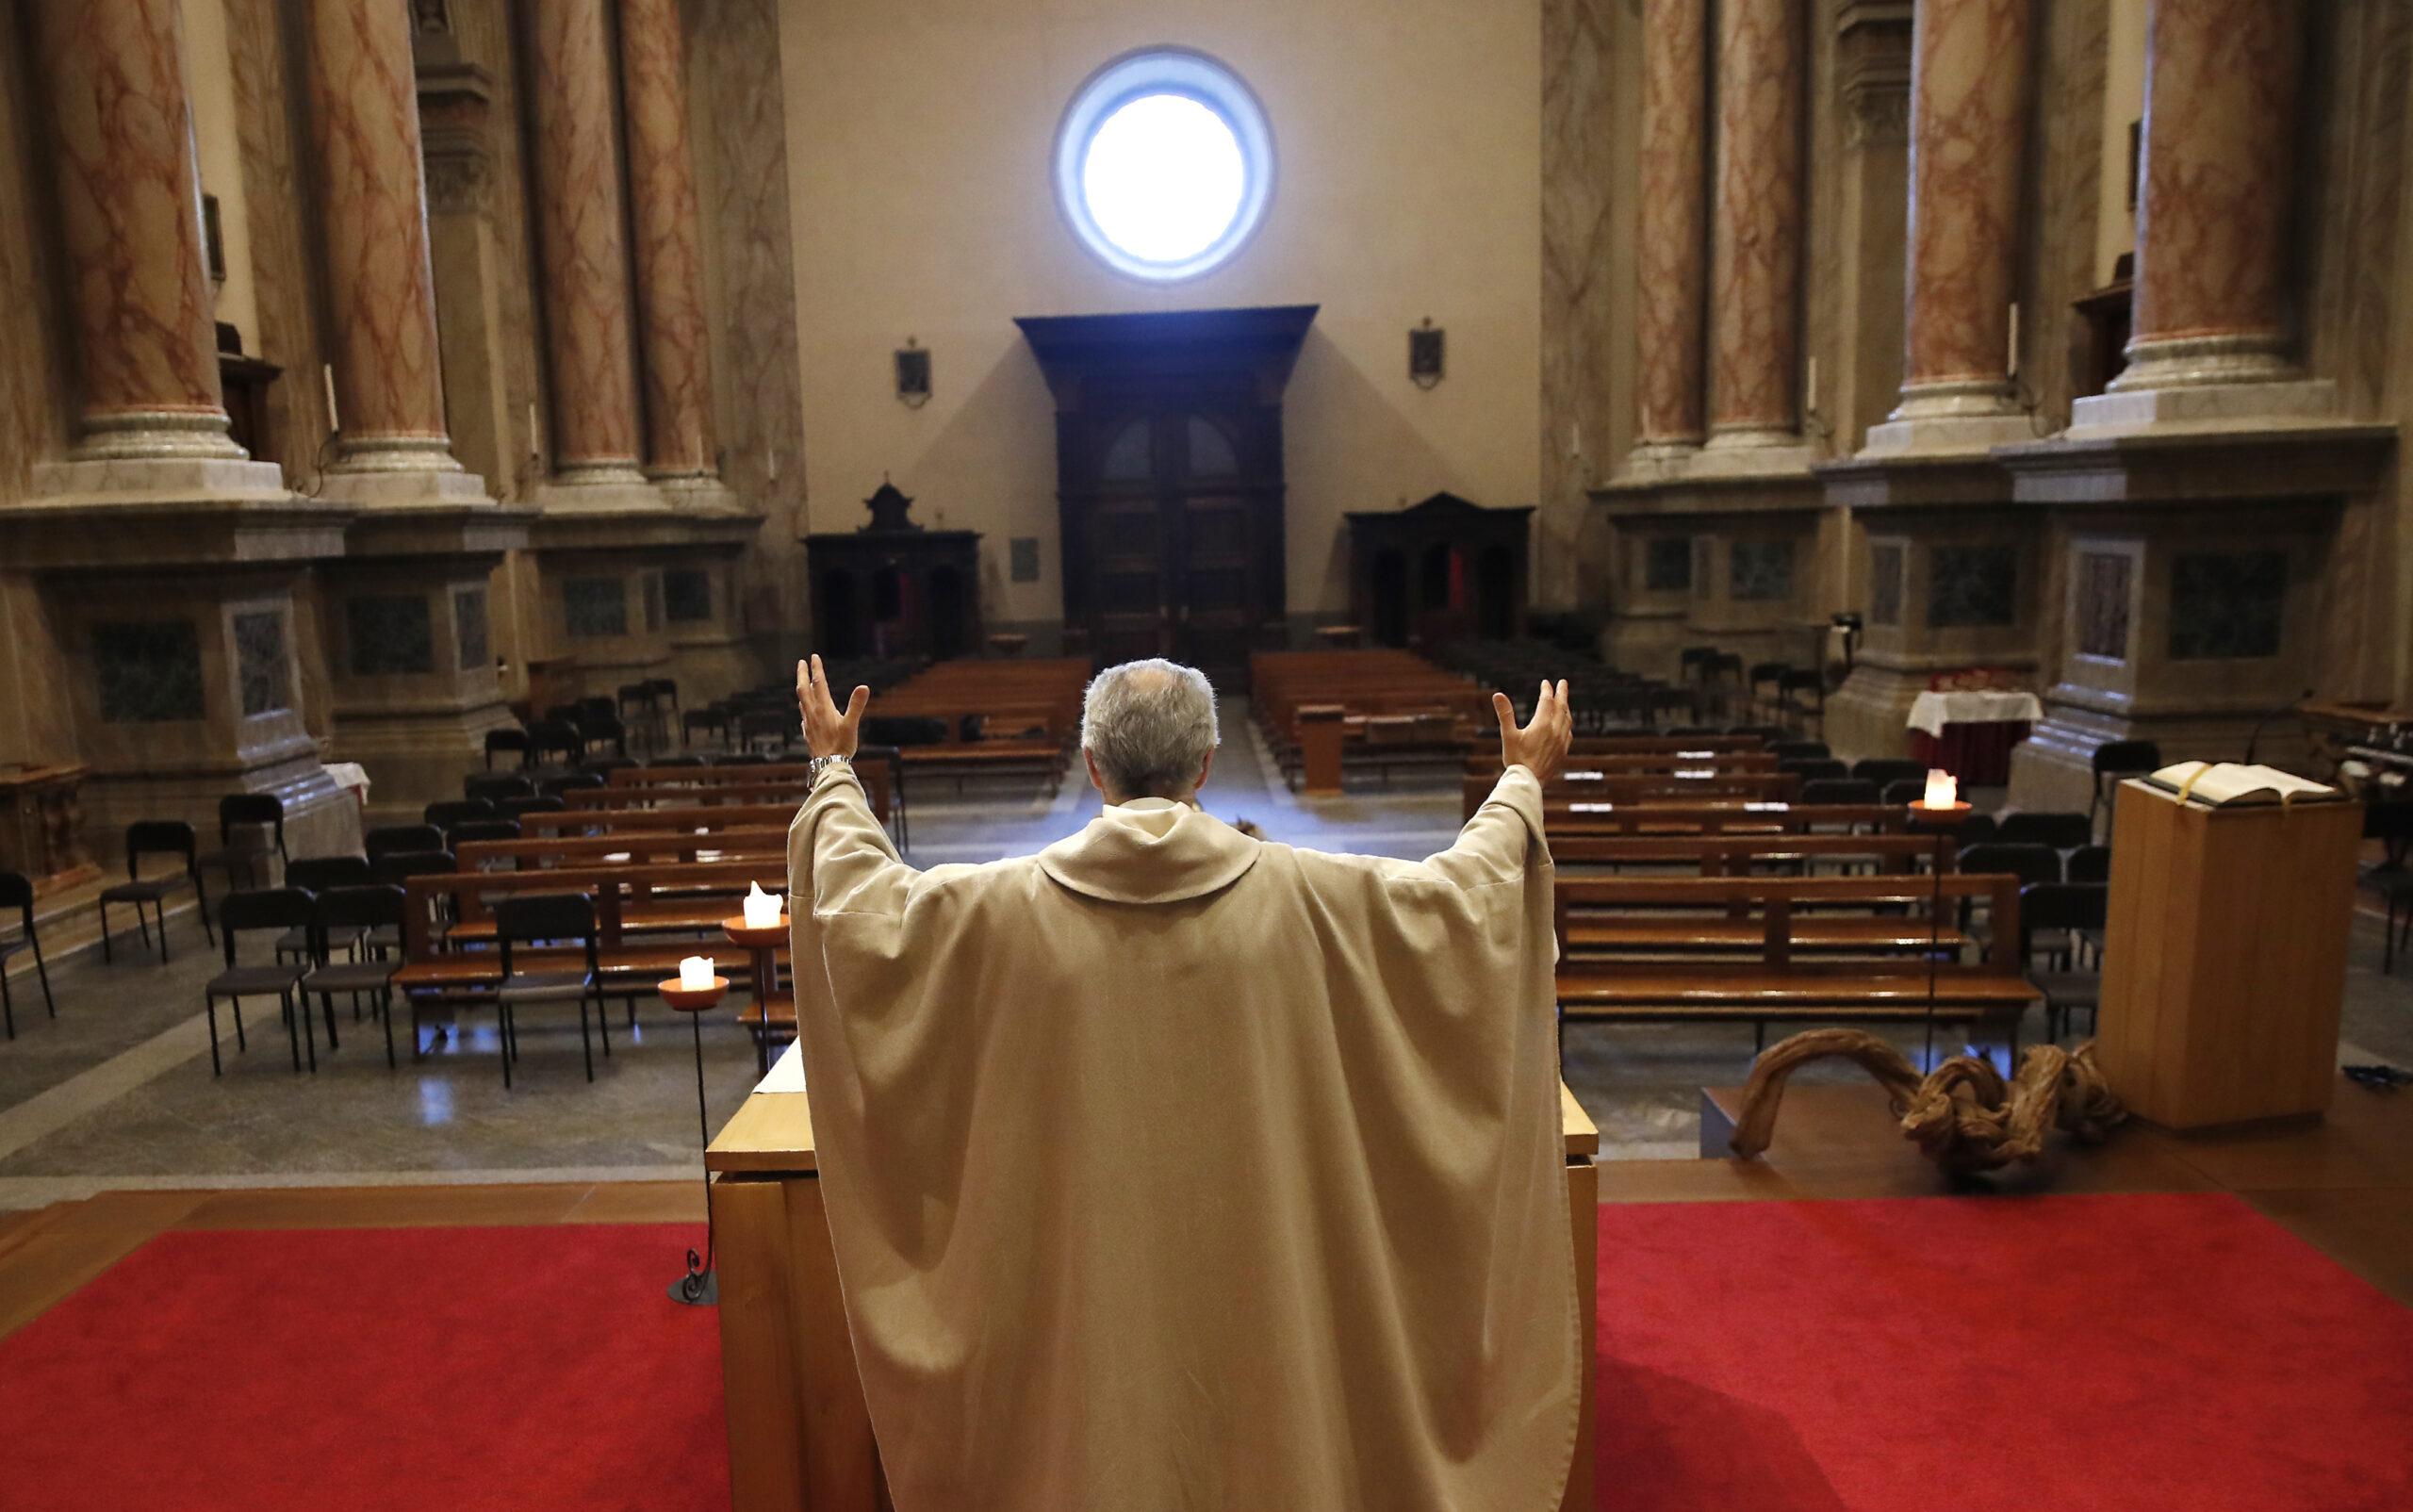 Ali slovenska Cerkev žrtvuje lastne vernike?